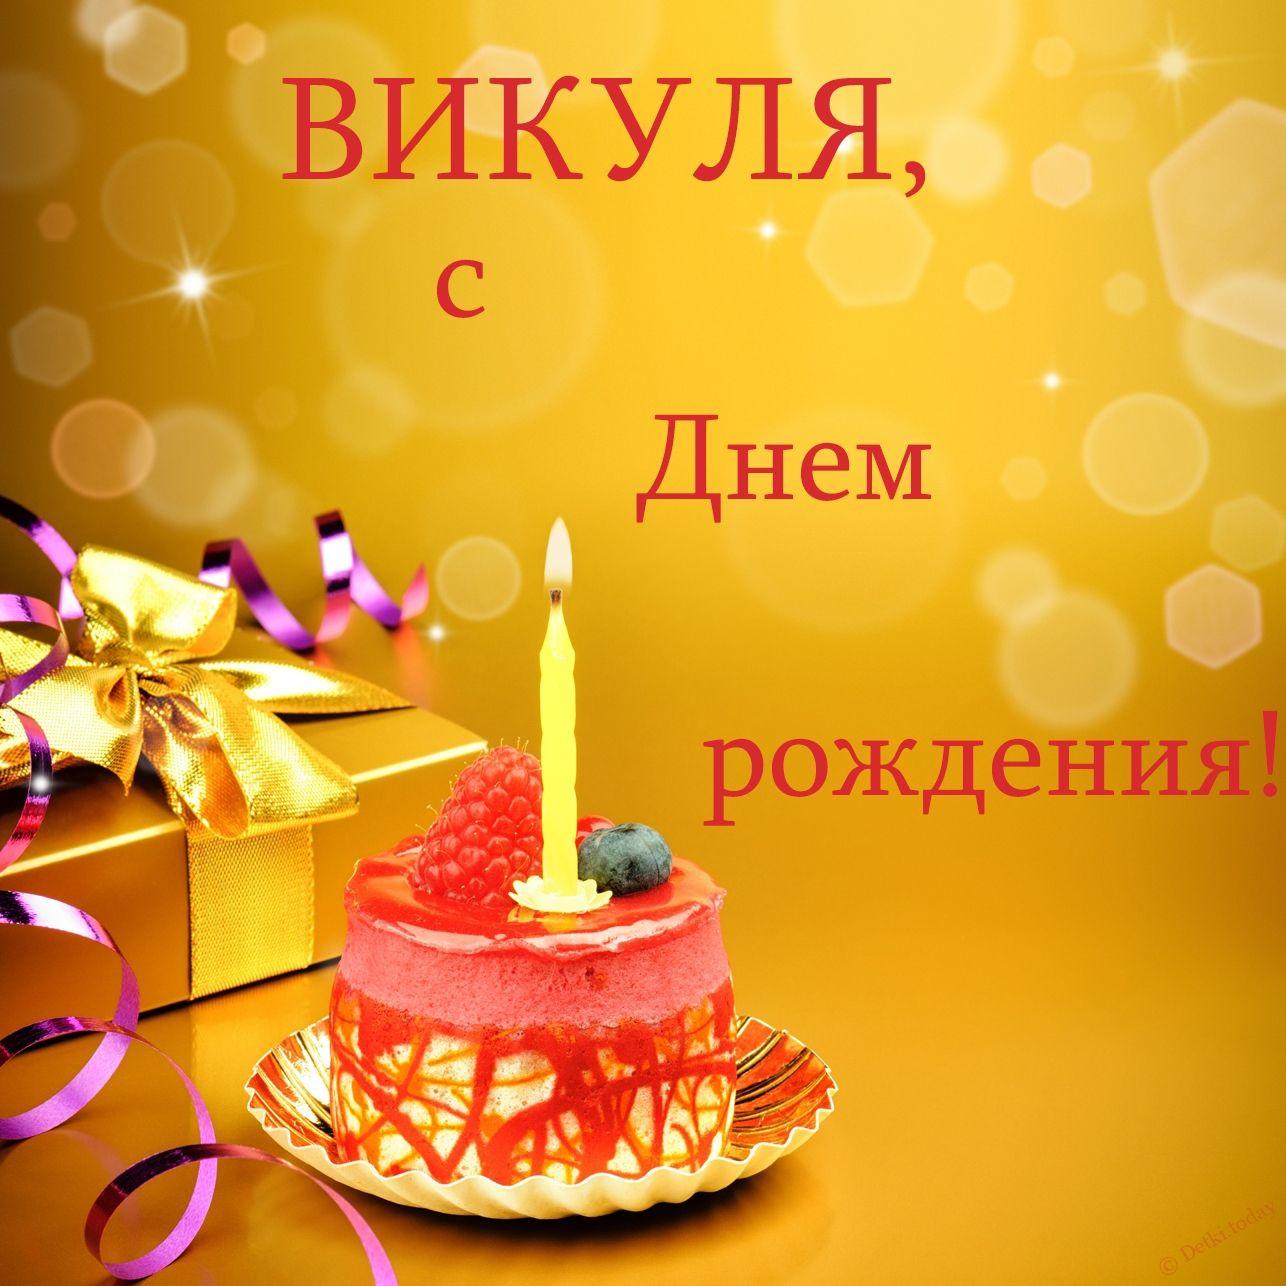 День рождения вика картинки